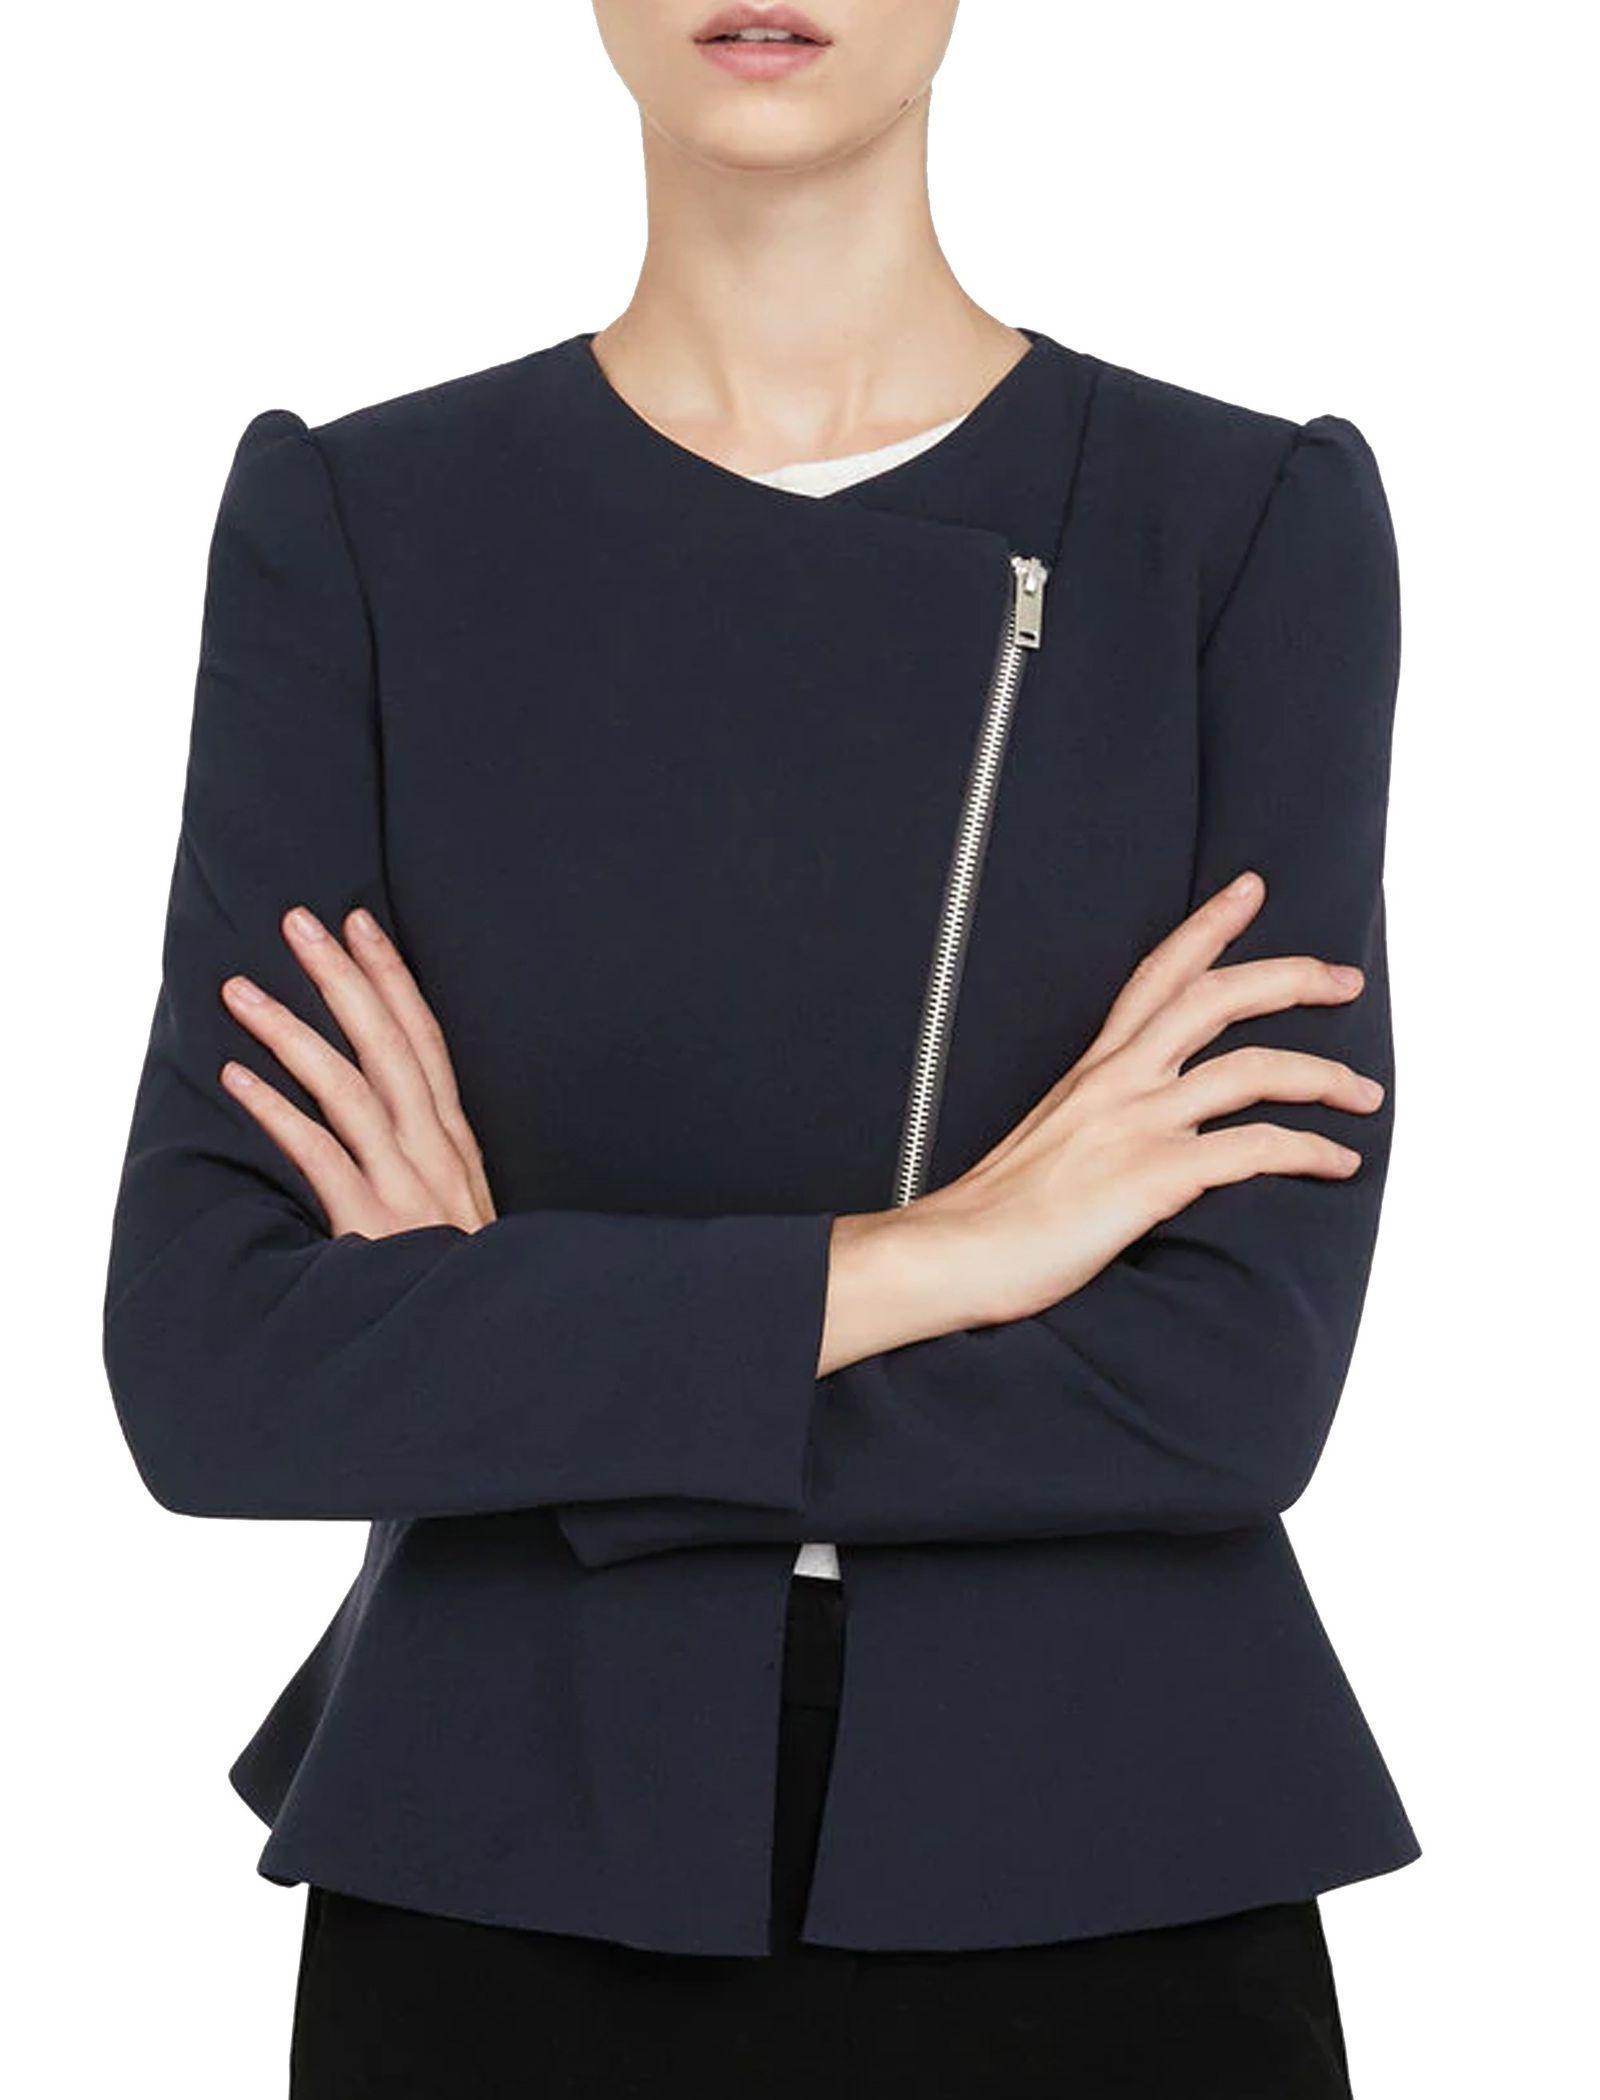 کت کوتاه زنانه - مانگو - سرمه اي - 1